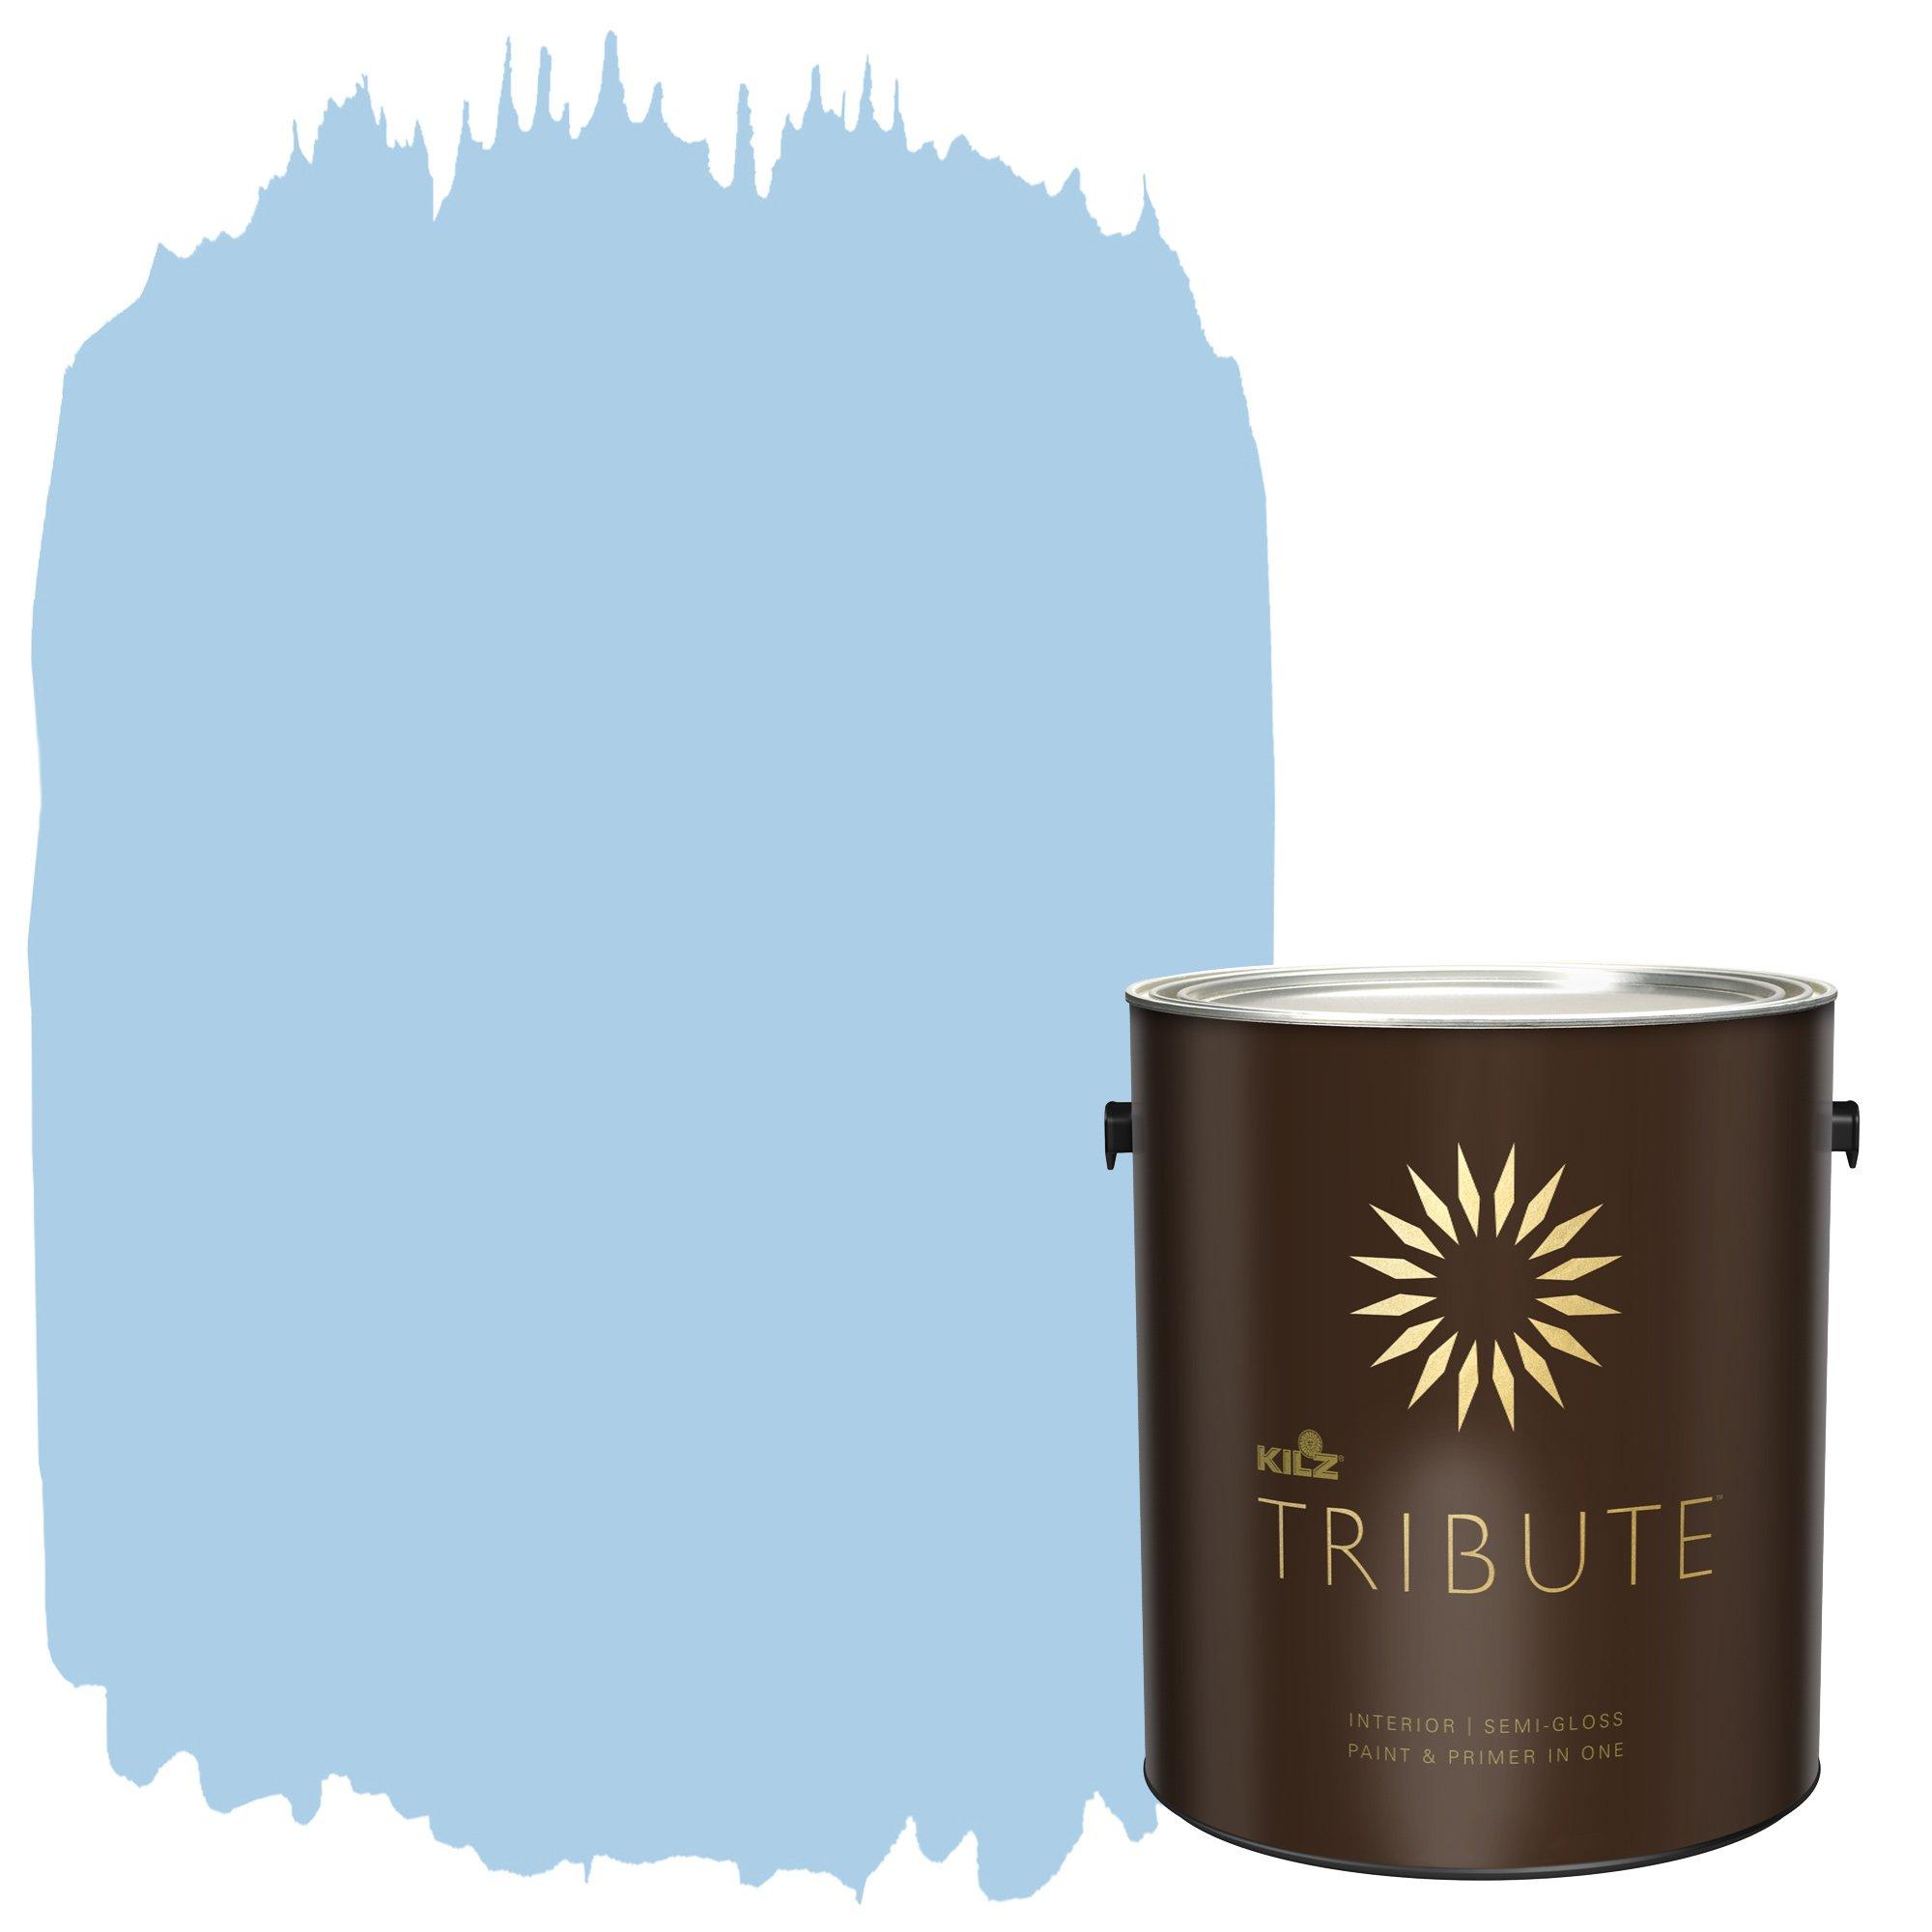 KILZ TRIBUTE Interior Semi-Gloss Paint and Primer in One, 1 Gallon, Sea Balm (TB-43)